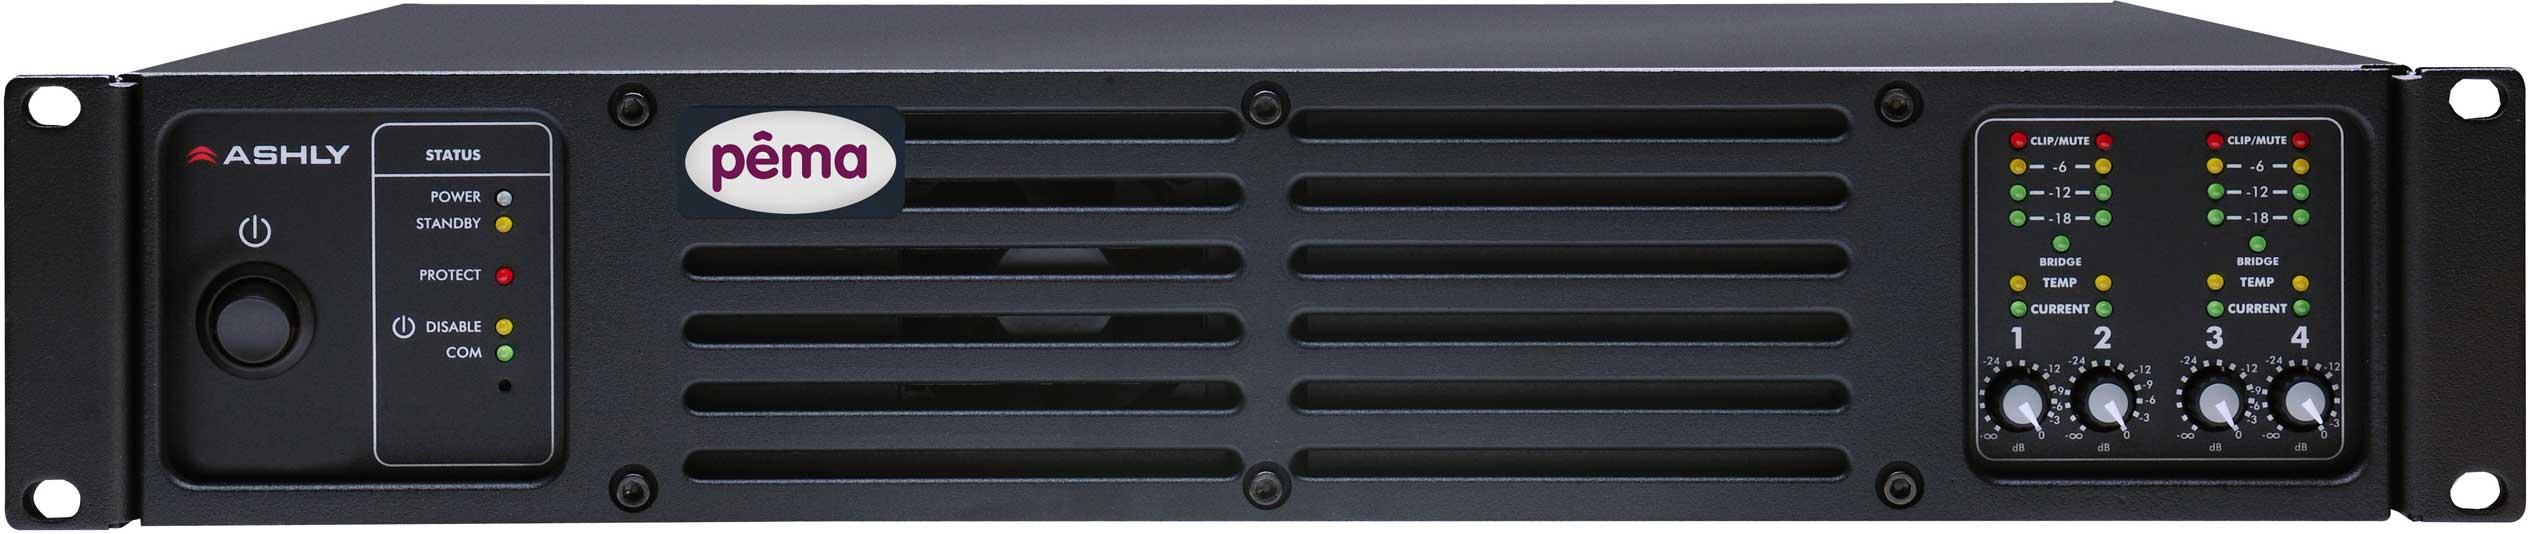 Power Amplifier, 4x125W @ 4 Ohm, w/8x8 DSP Matrix, CobraNet Added